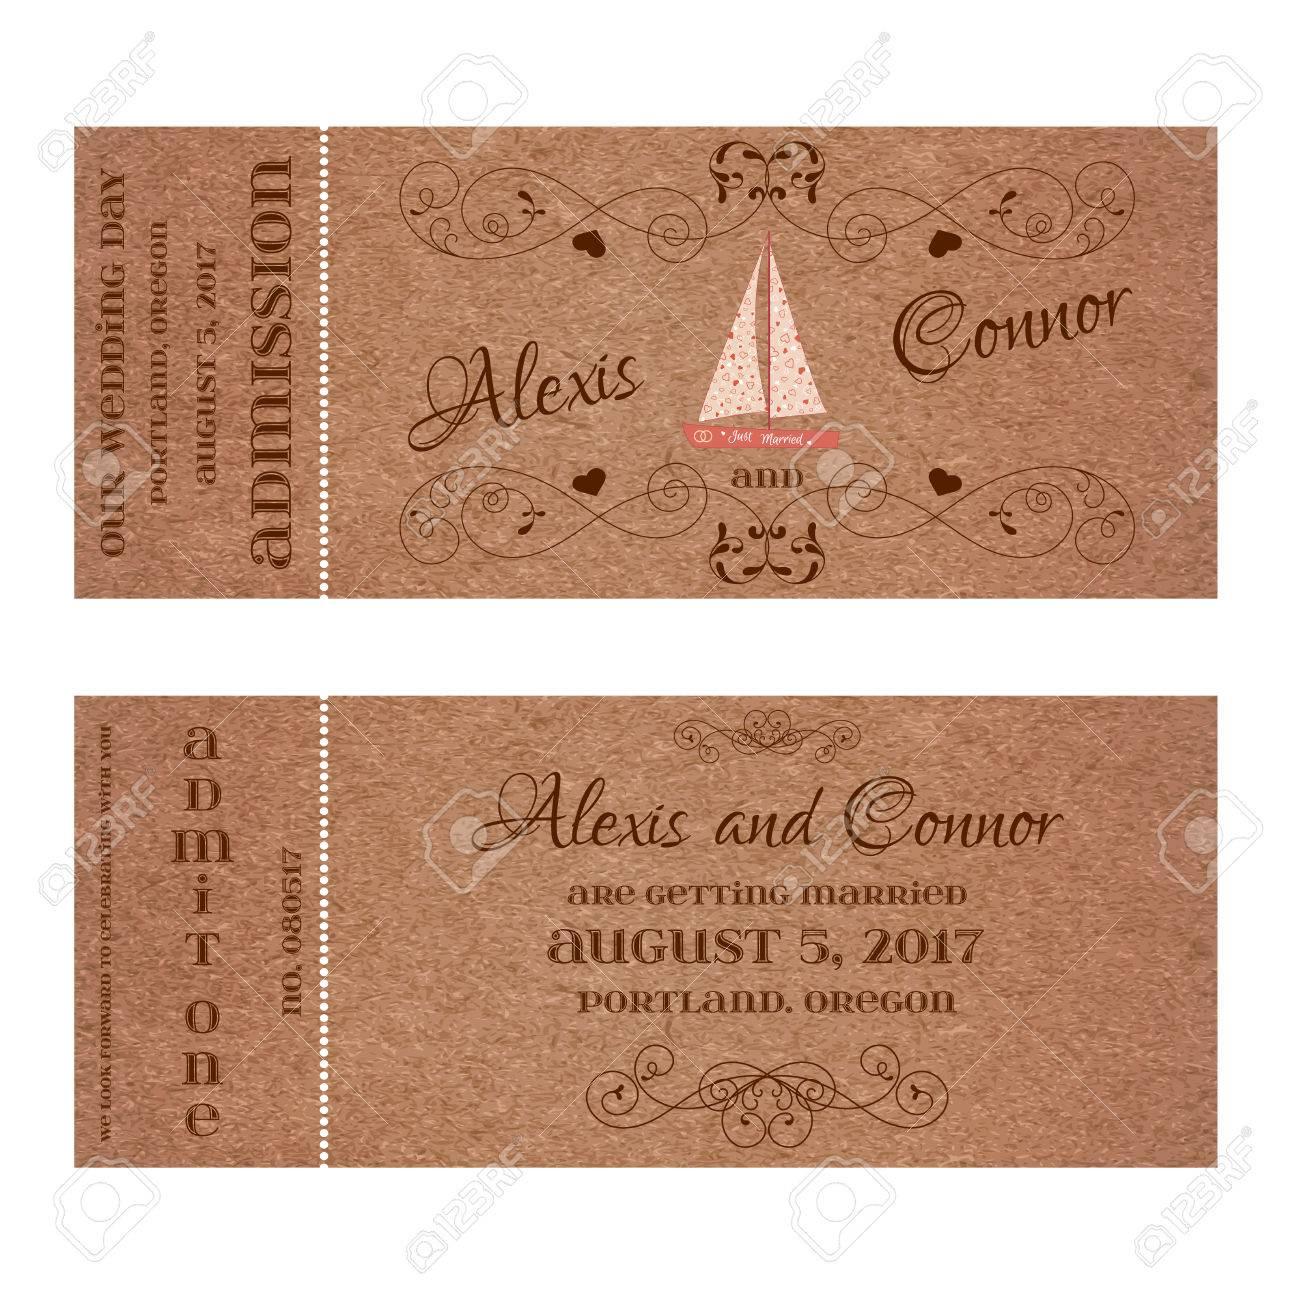 Standard Bild   Vector Double Sided Ticket Für Die Einladung Wedding Und  Save The Date Mit Hochzeit Segelyacht Und Elegante Blumen Locken.